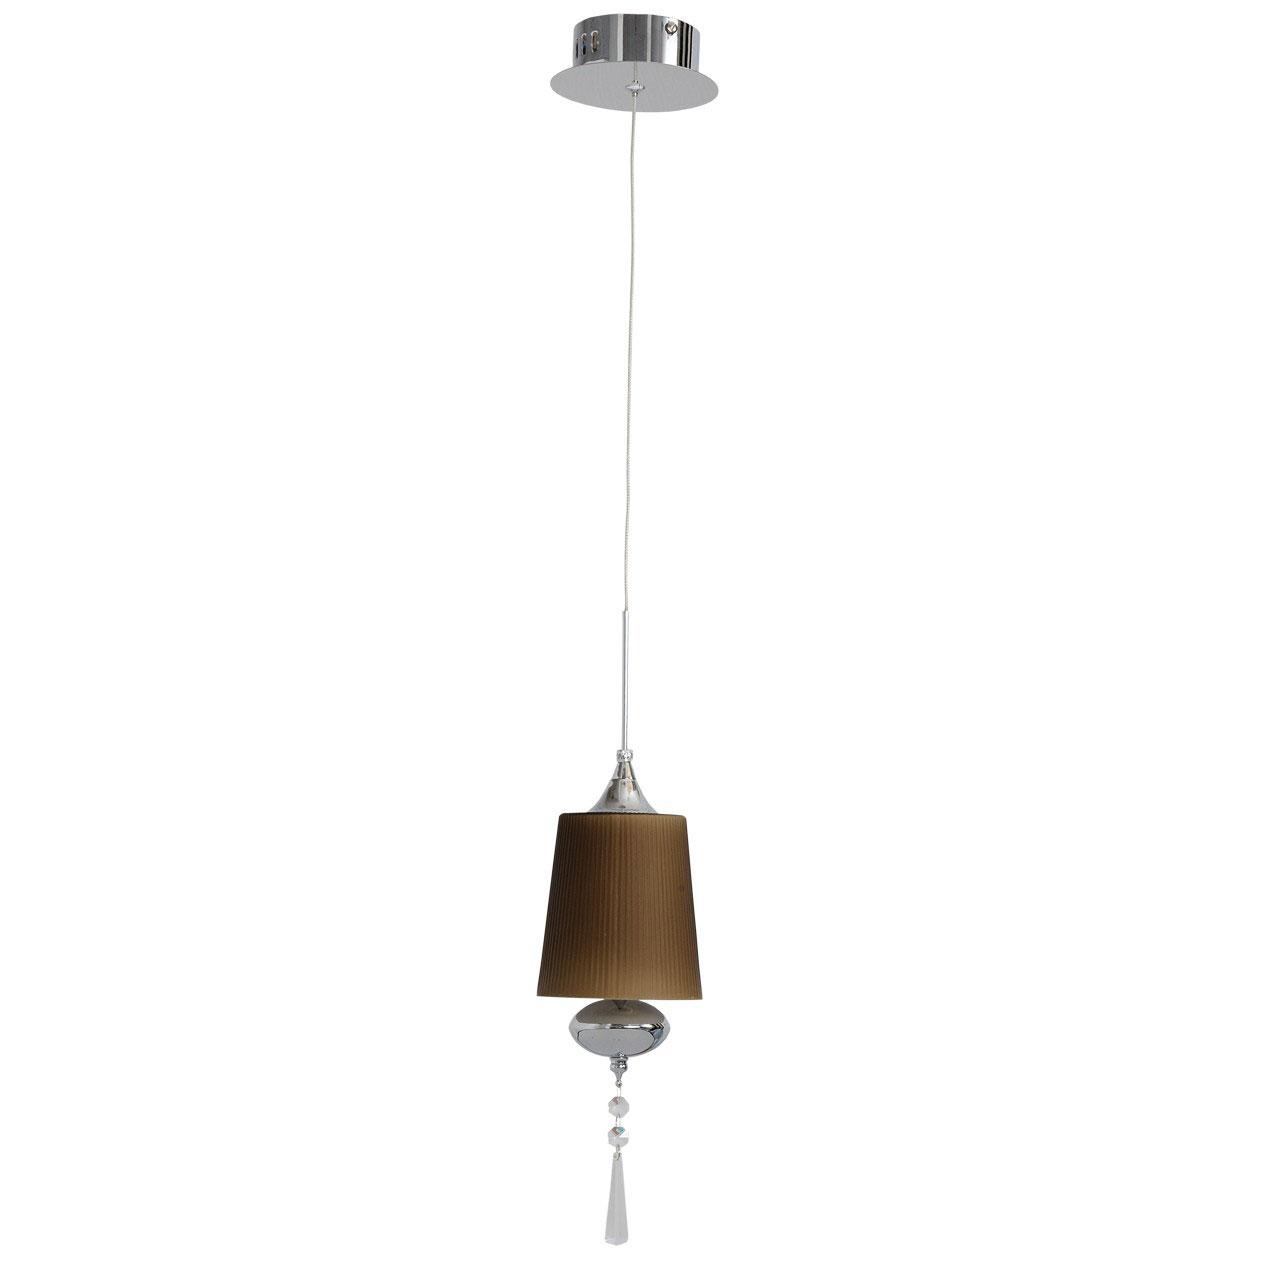 Люстра ChiaroЛюстры<br>Назначение светильника: для гостиной,<br>Длина (мм): 190,<br>Ширина: 190,<br>Высота: 1400,<br>Количество ламп: 1,<br>Тип лампы: галогенная,<br>Мощность: 20,<br>Патрон: G4,<br>Цвет арматуры: хром,<br>Коллекция: Фьюжен<br>